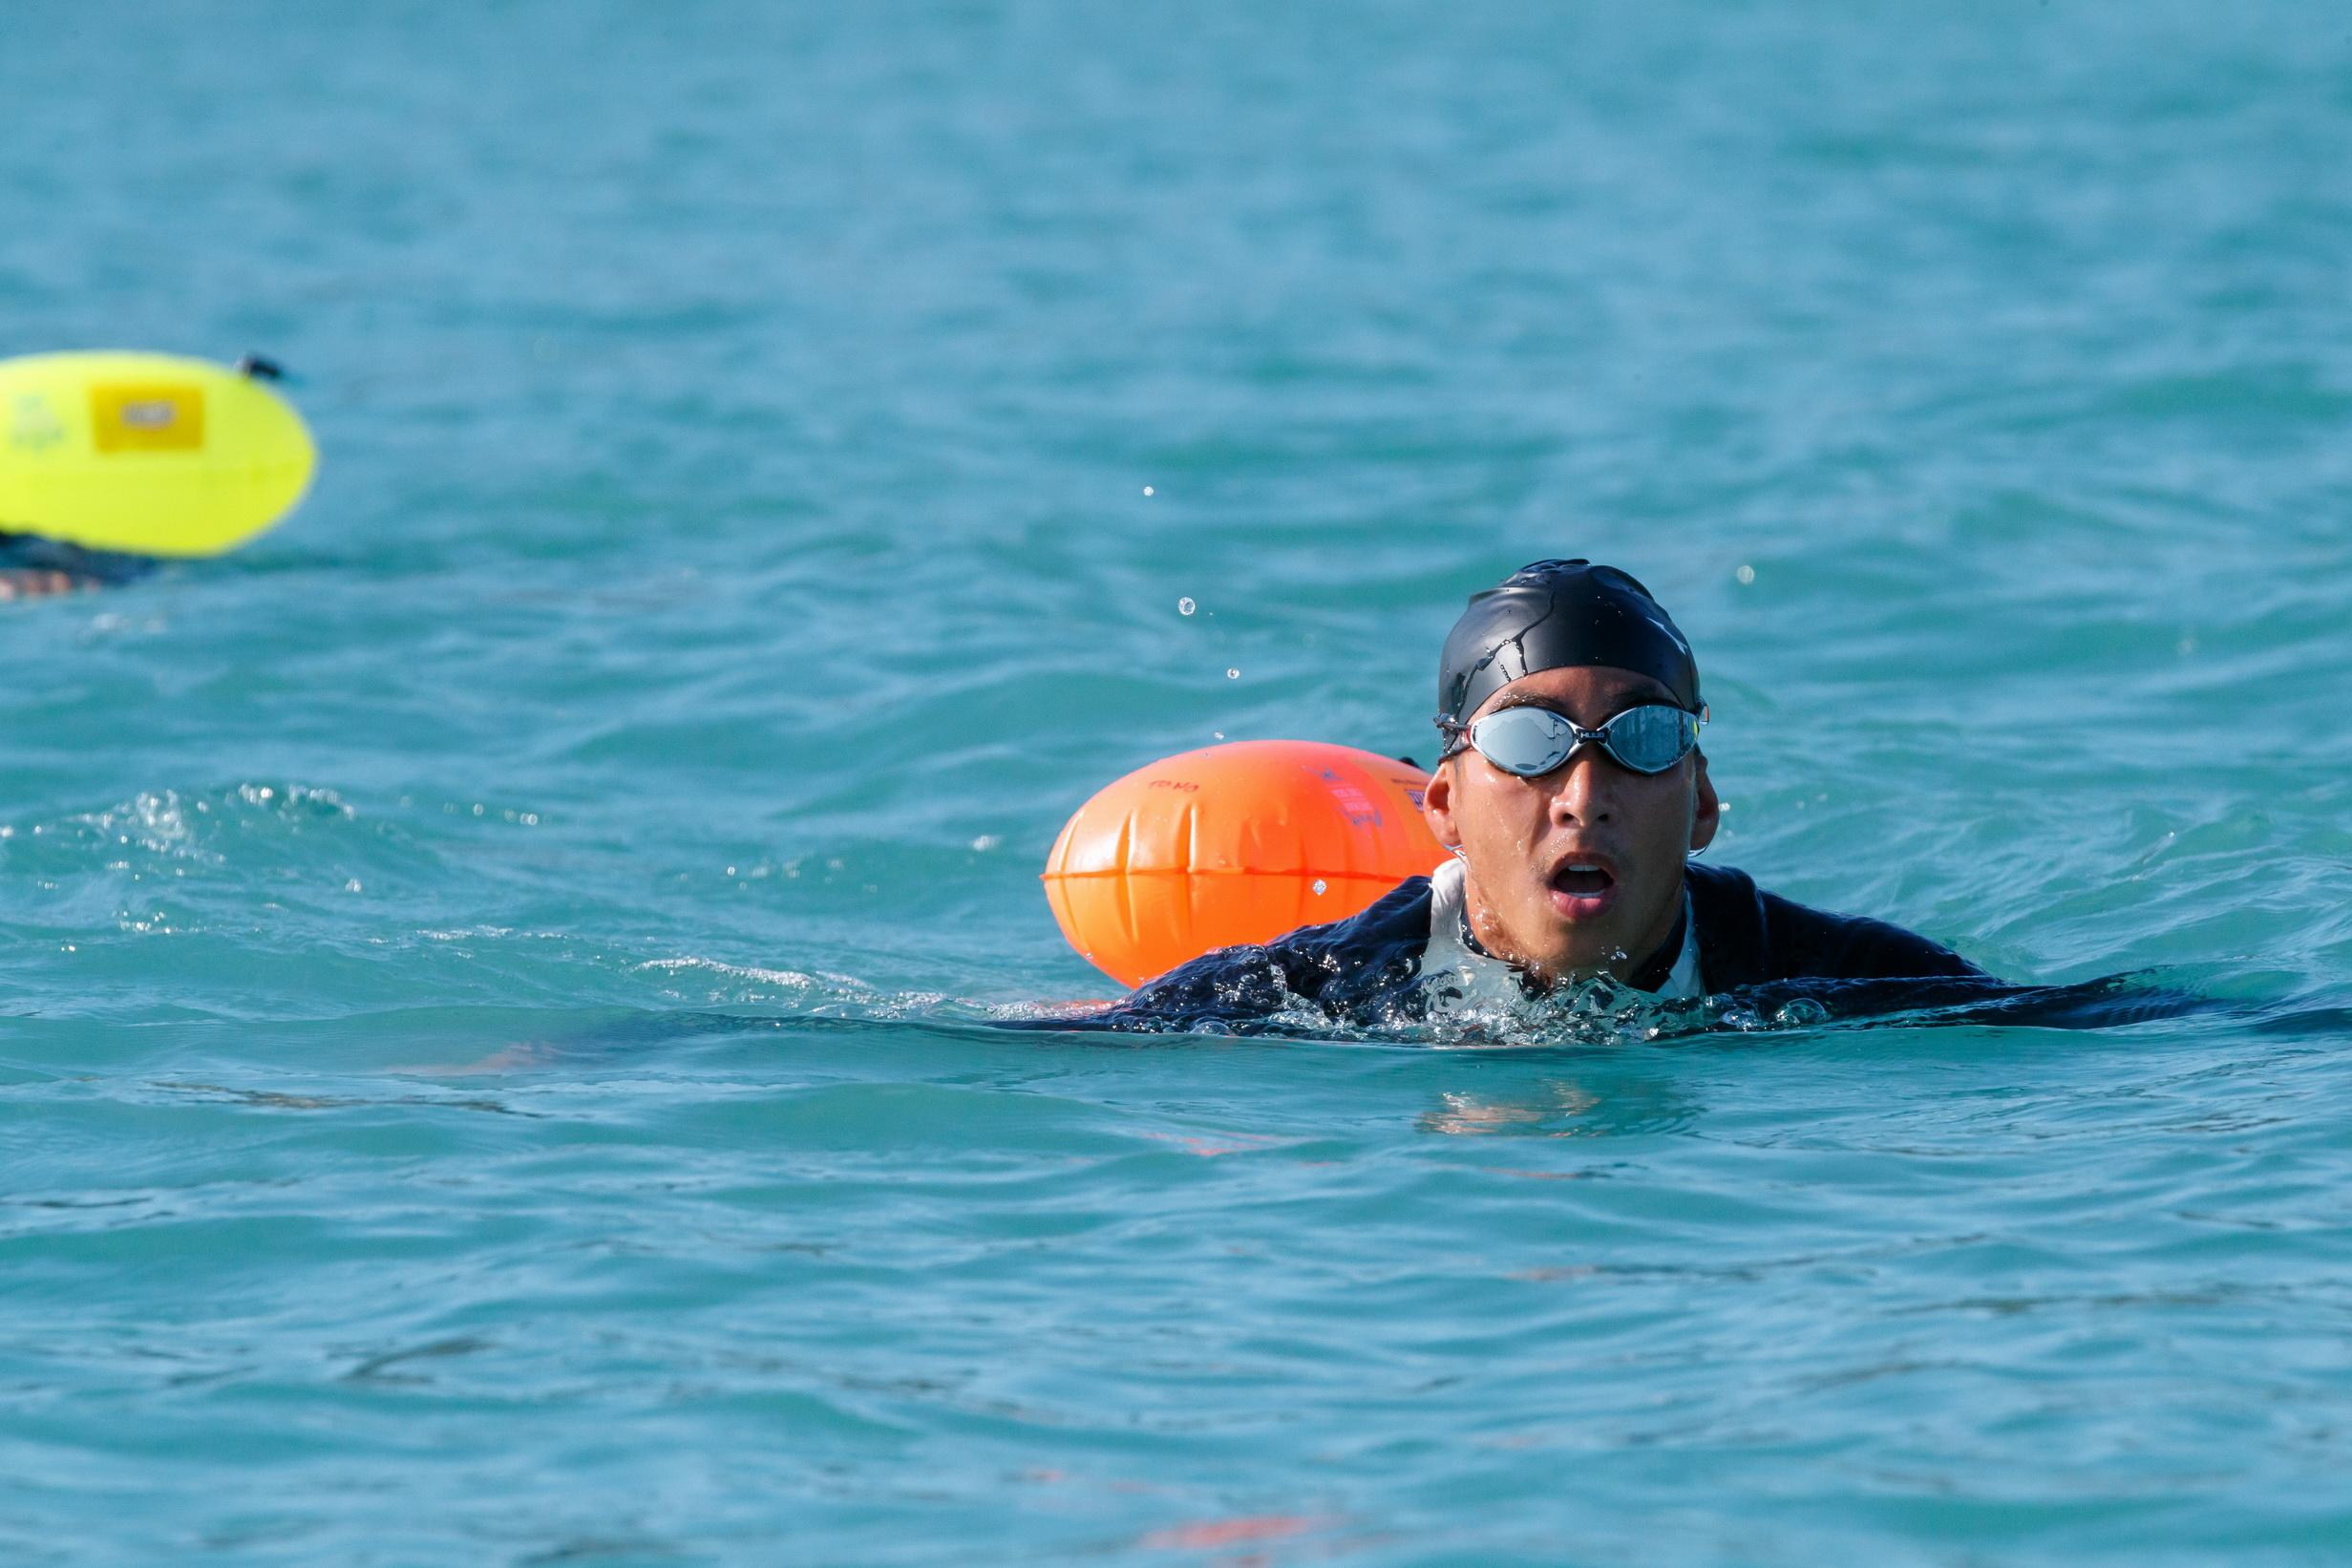 ว่ายน้ำตัวเปล่าบนทะเลอ่าวไทย โตโน่-ภาคิน